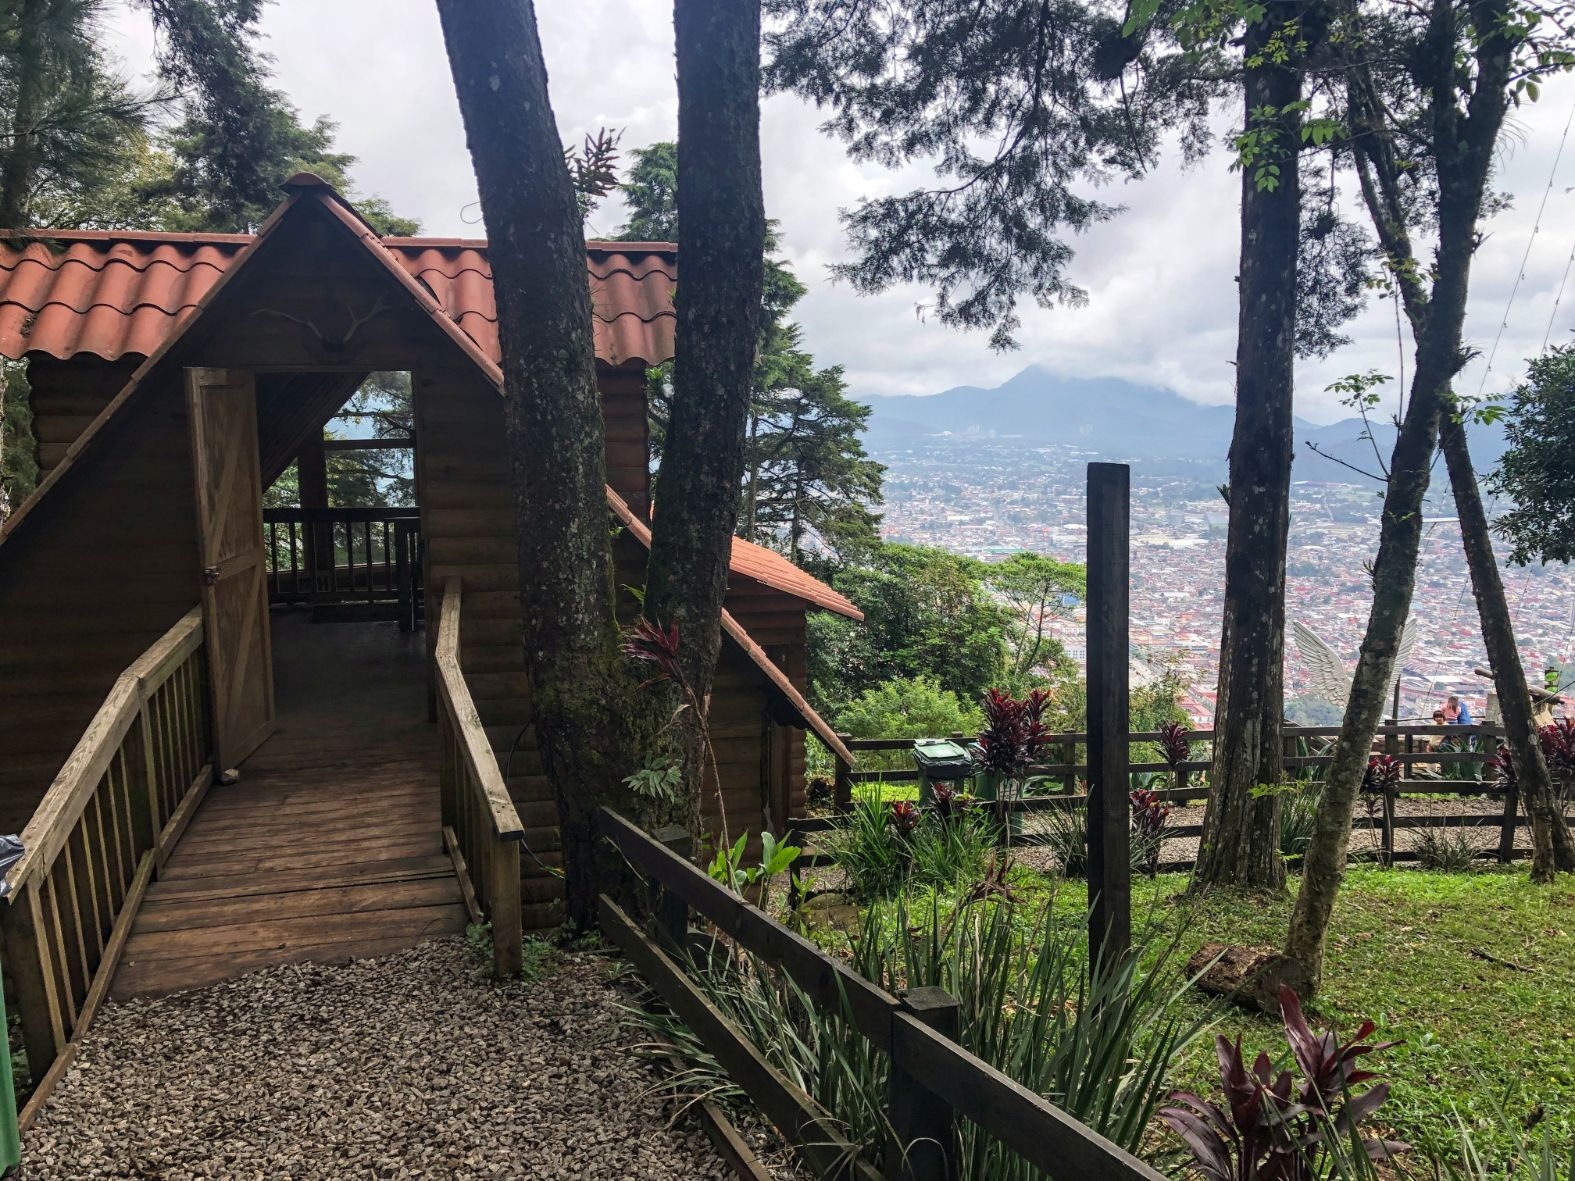 Hut with a view in Cerro del Borrego Ecoparque